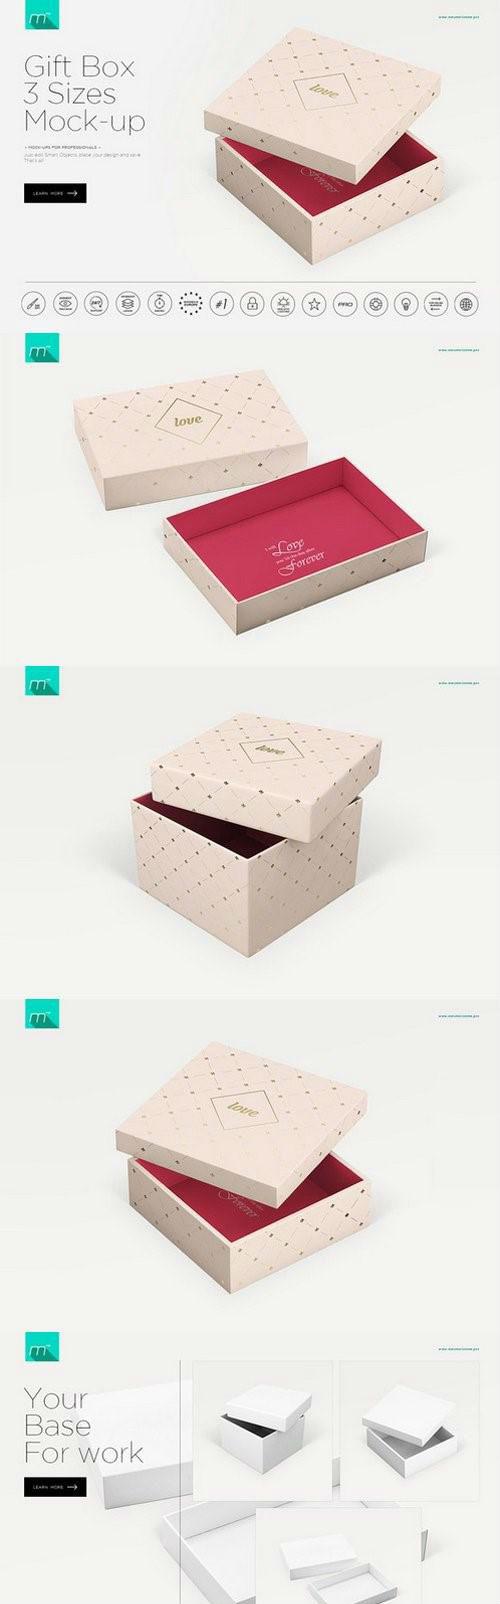 Gift Box 3 Sizes Mock-up 908049